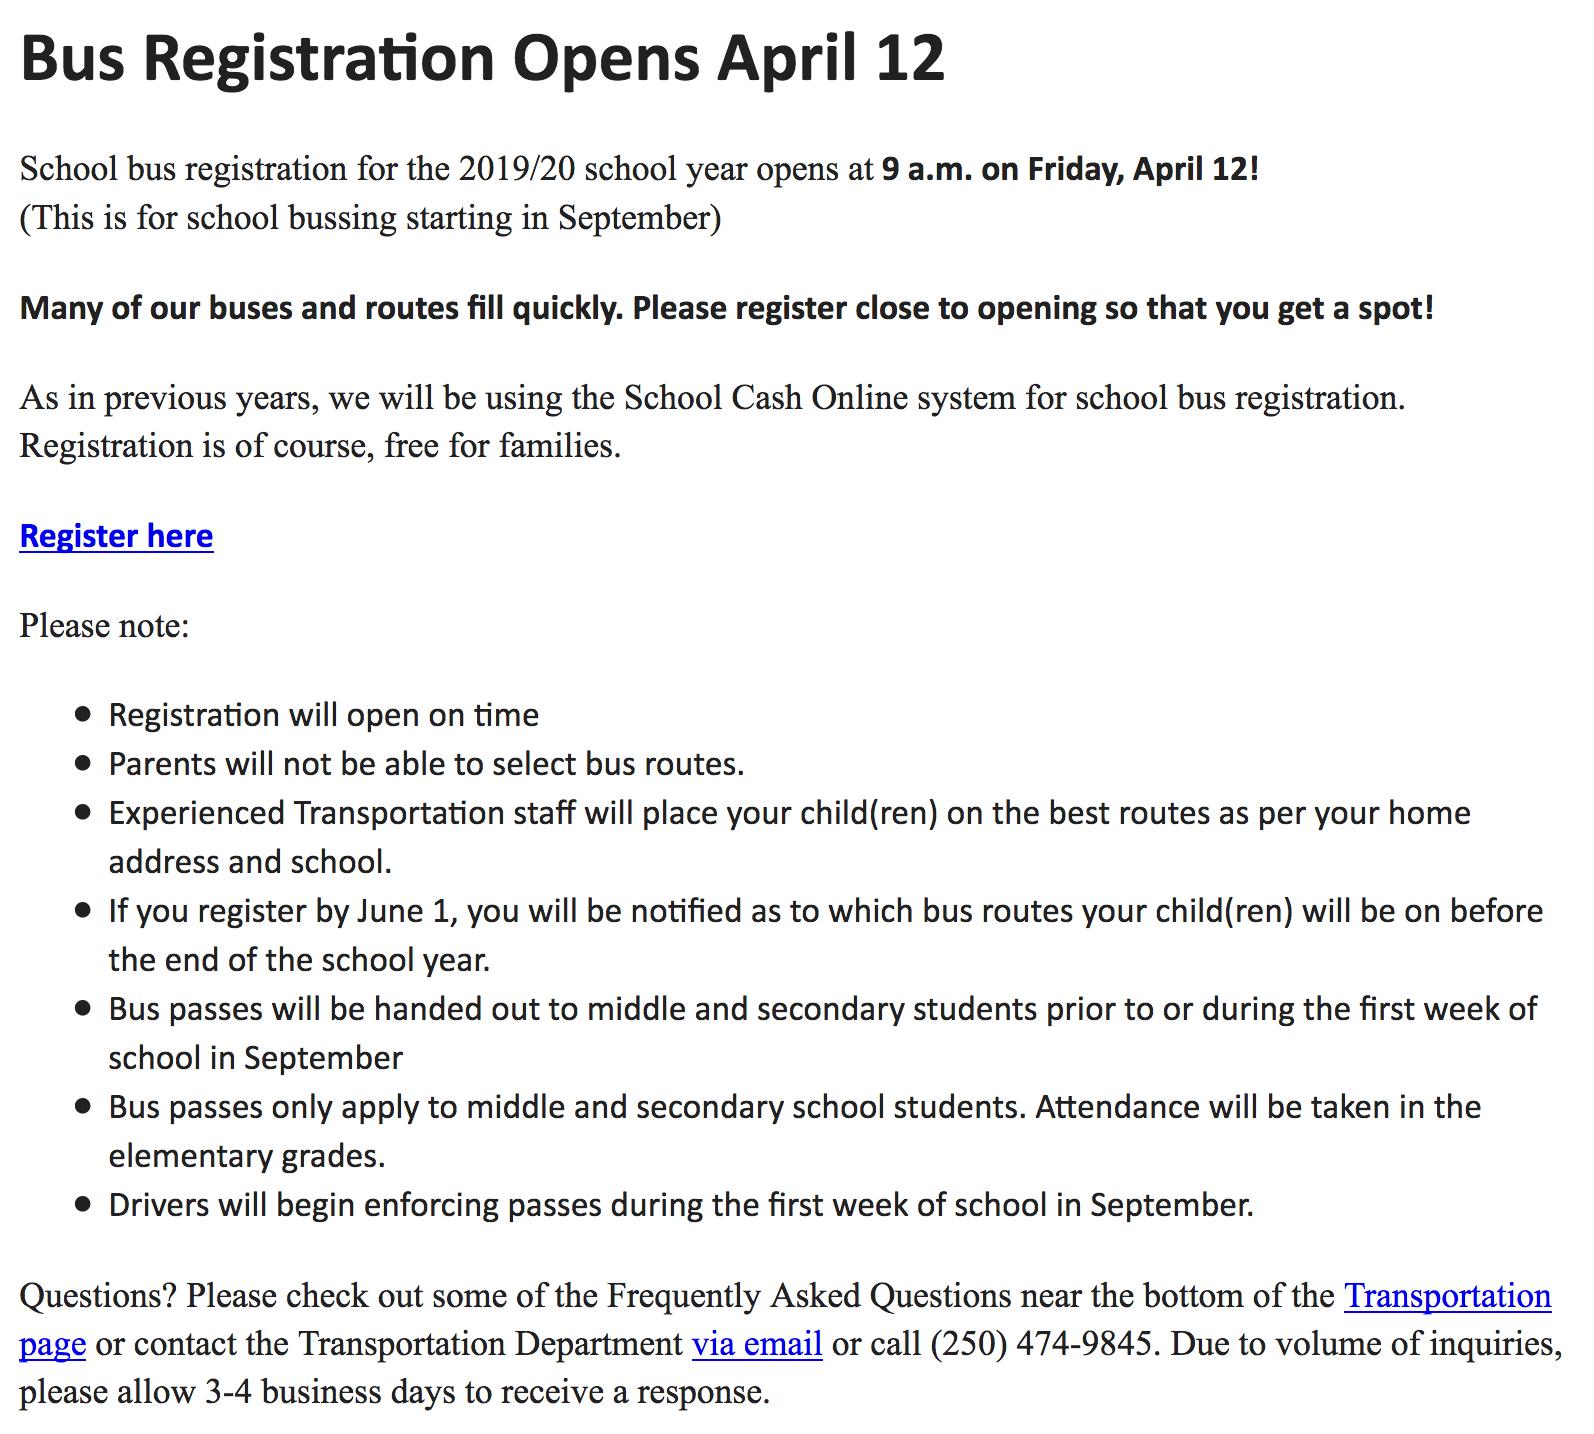 Bus Registration Opens April 12